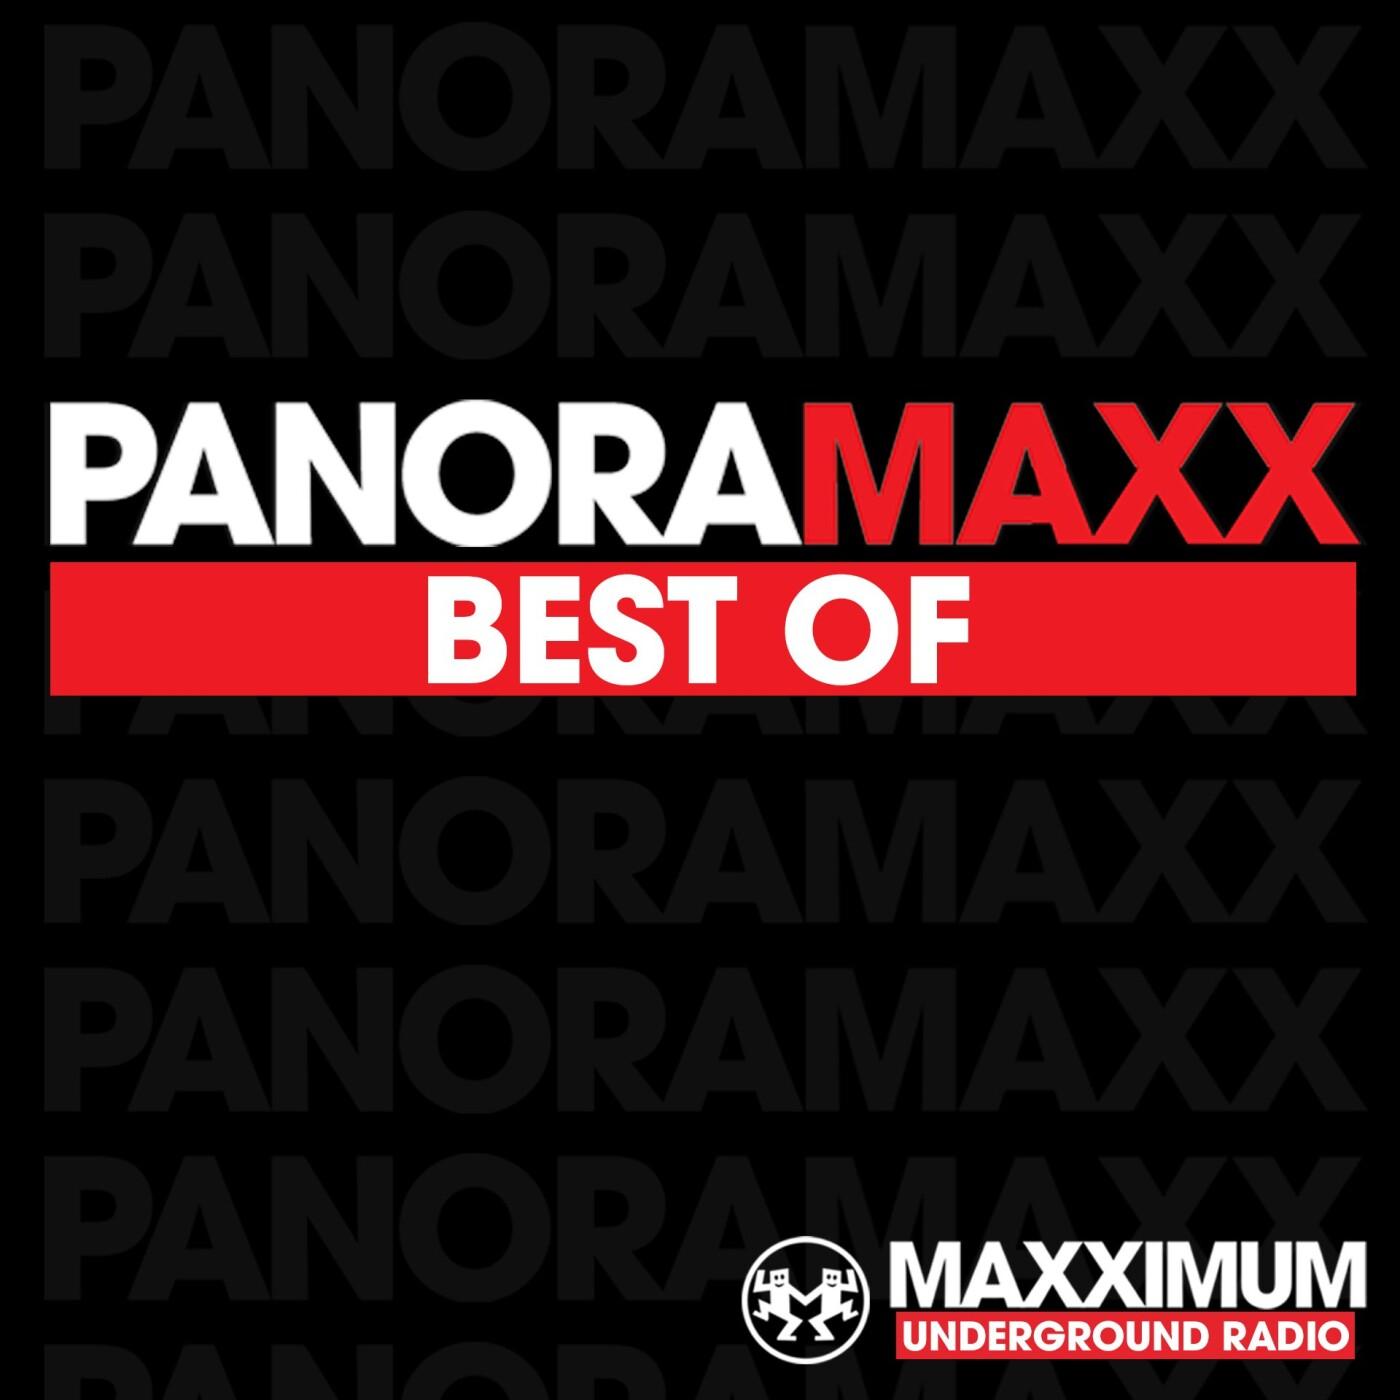 PANORAMAXX BEST OF : STREET MACHINE